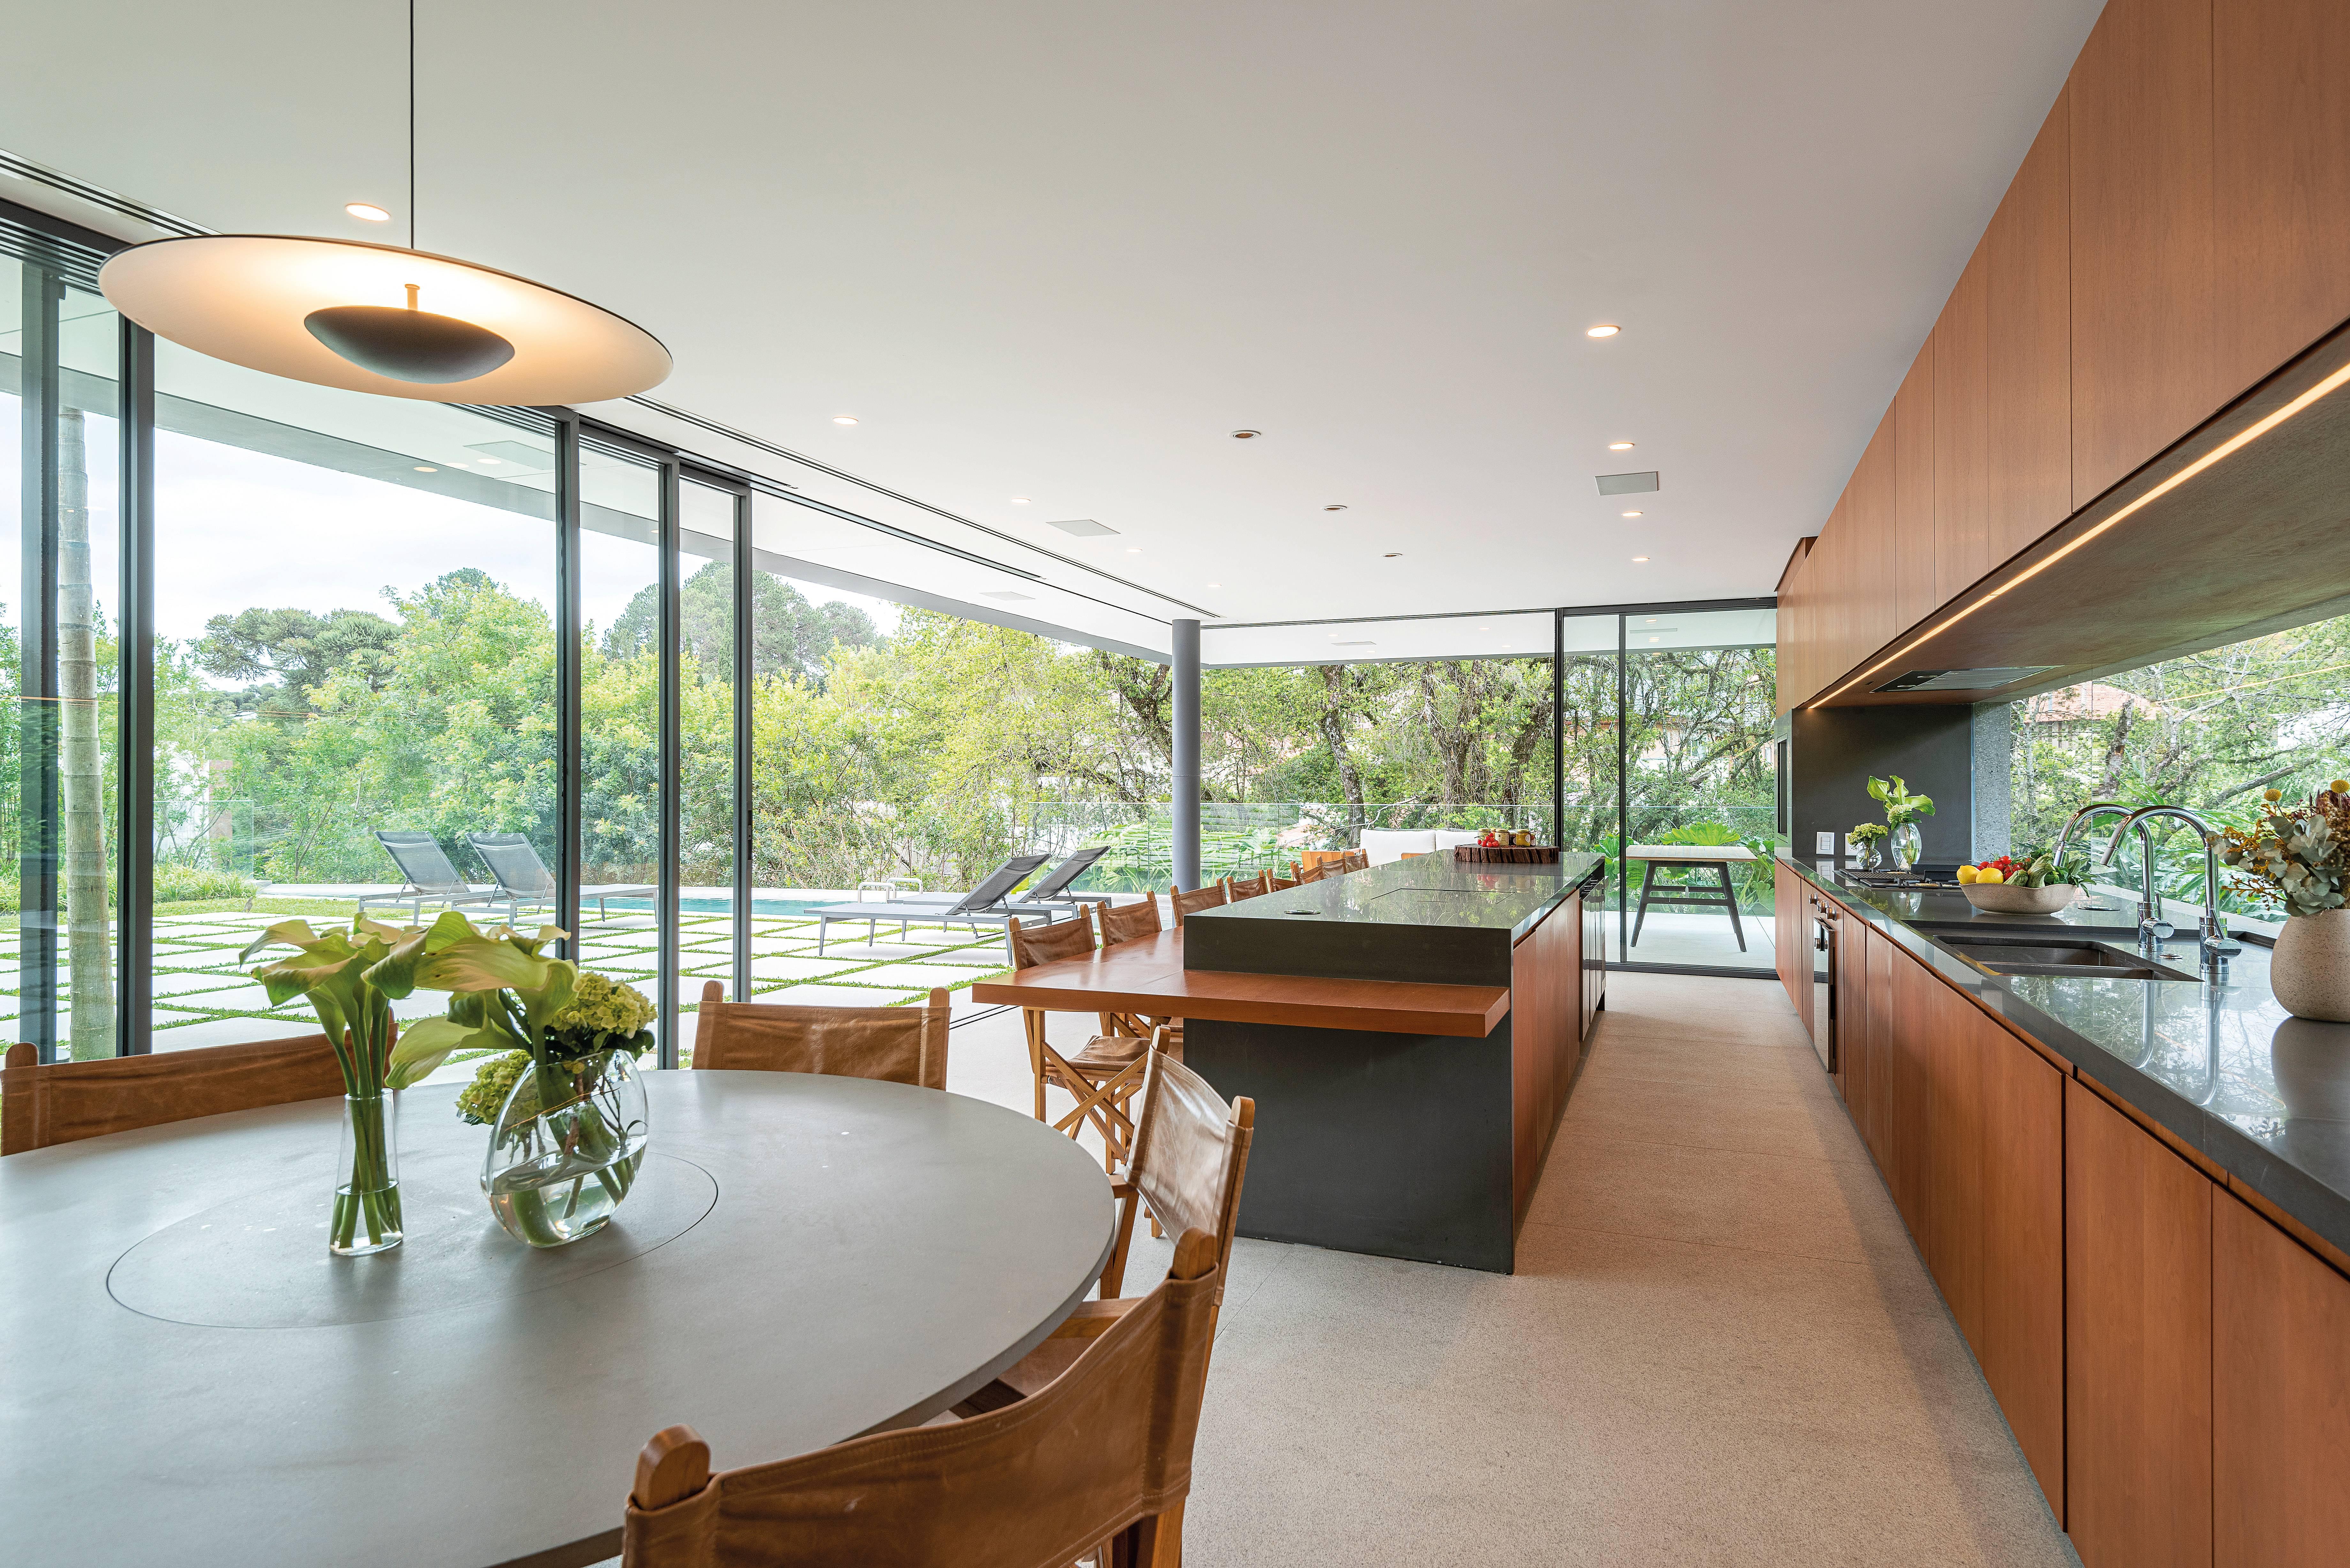 Cozinha externa valoriza espaços abertos.